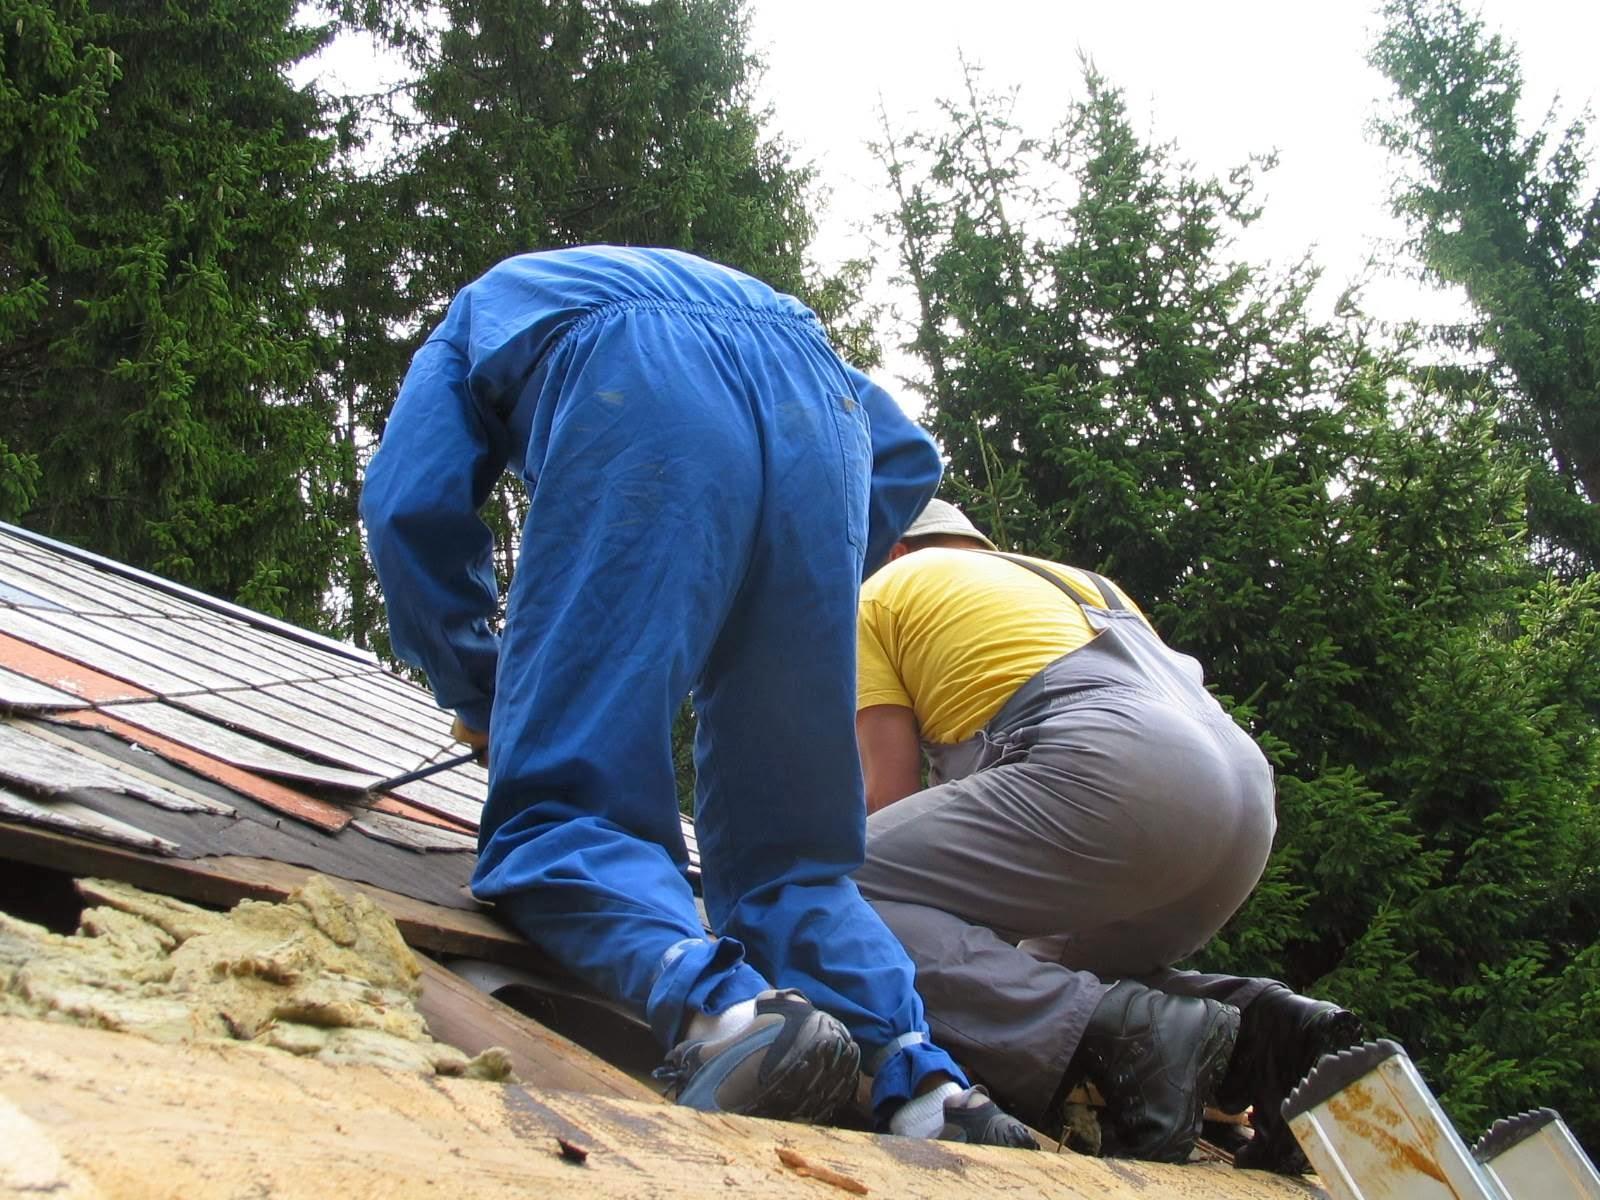 Delovna akcija - Streha, Črni dol 2006 - streha%2B029.jpg